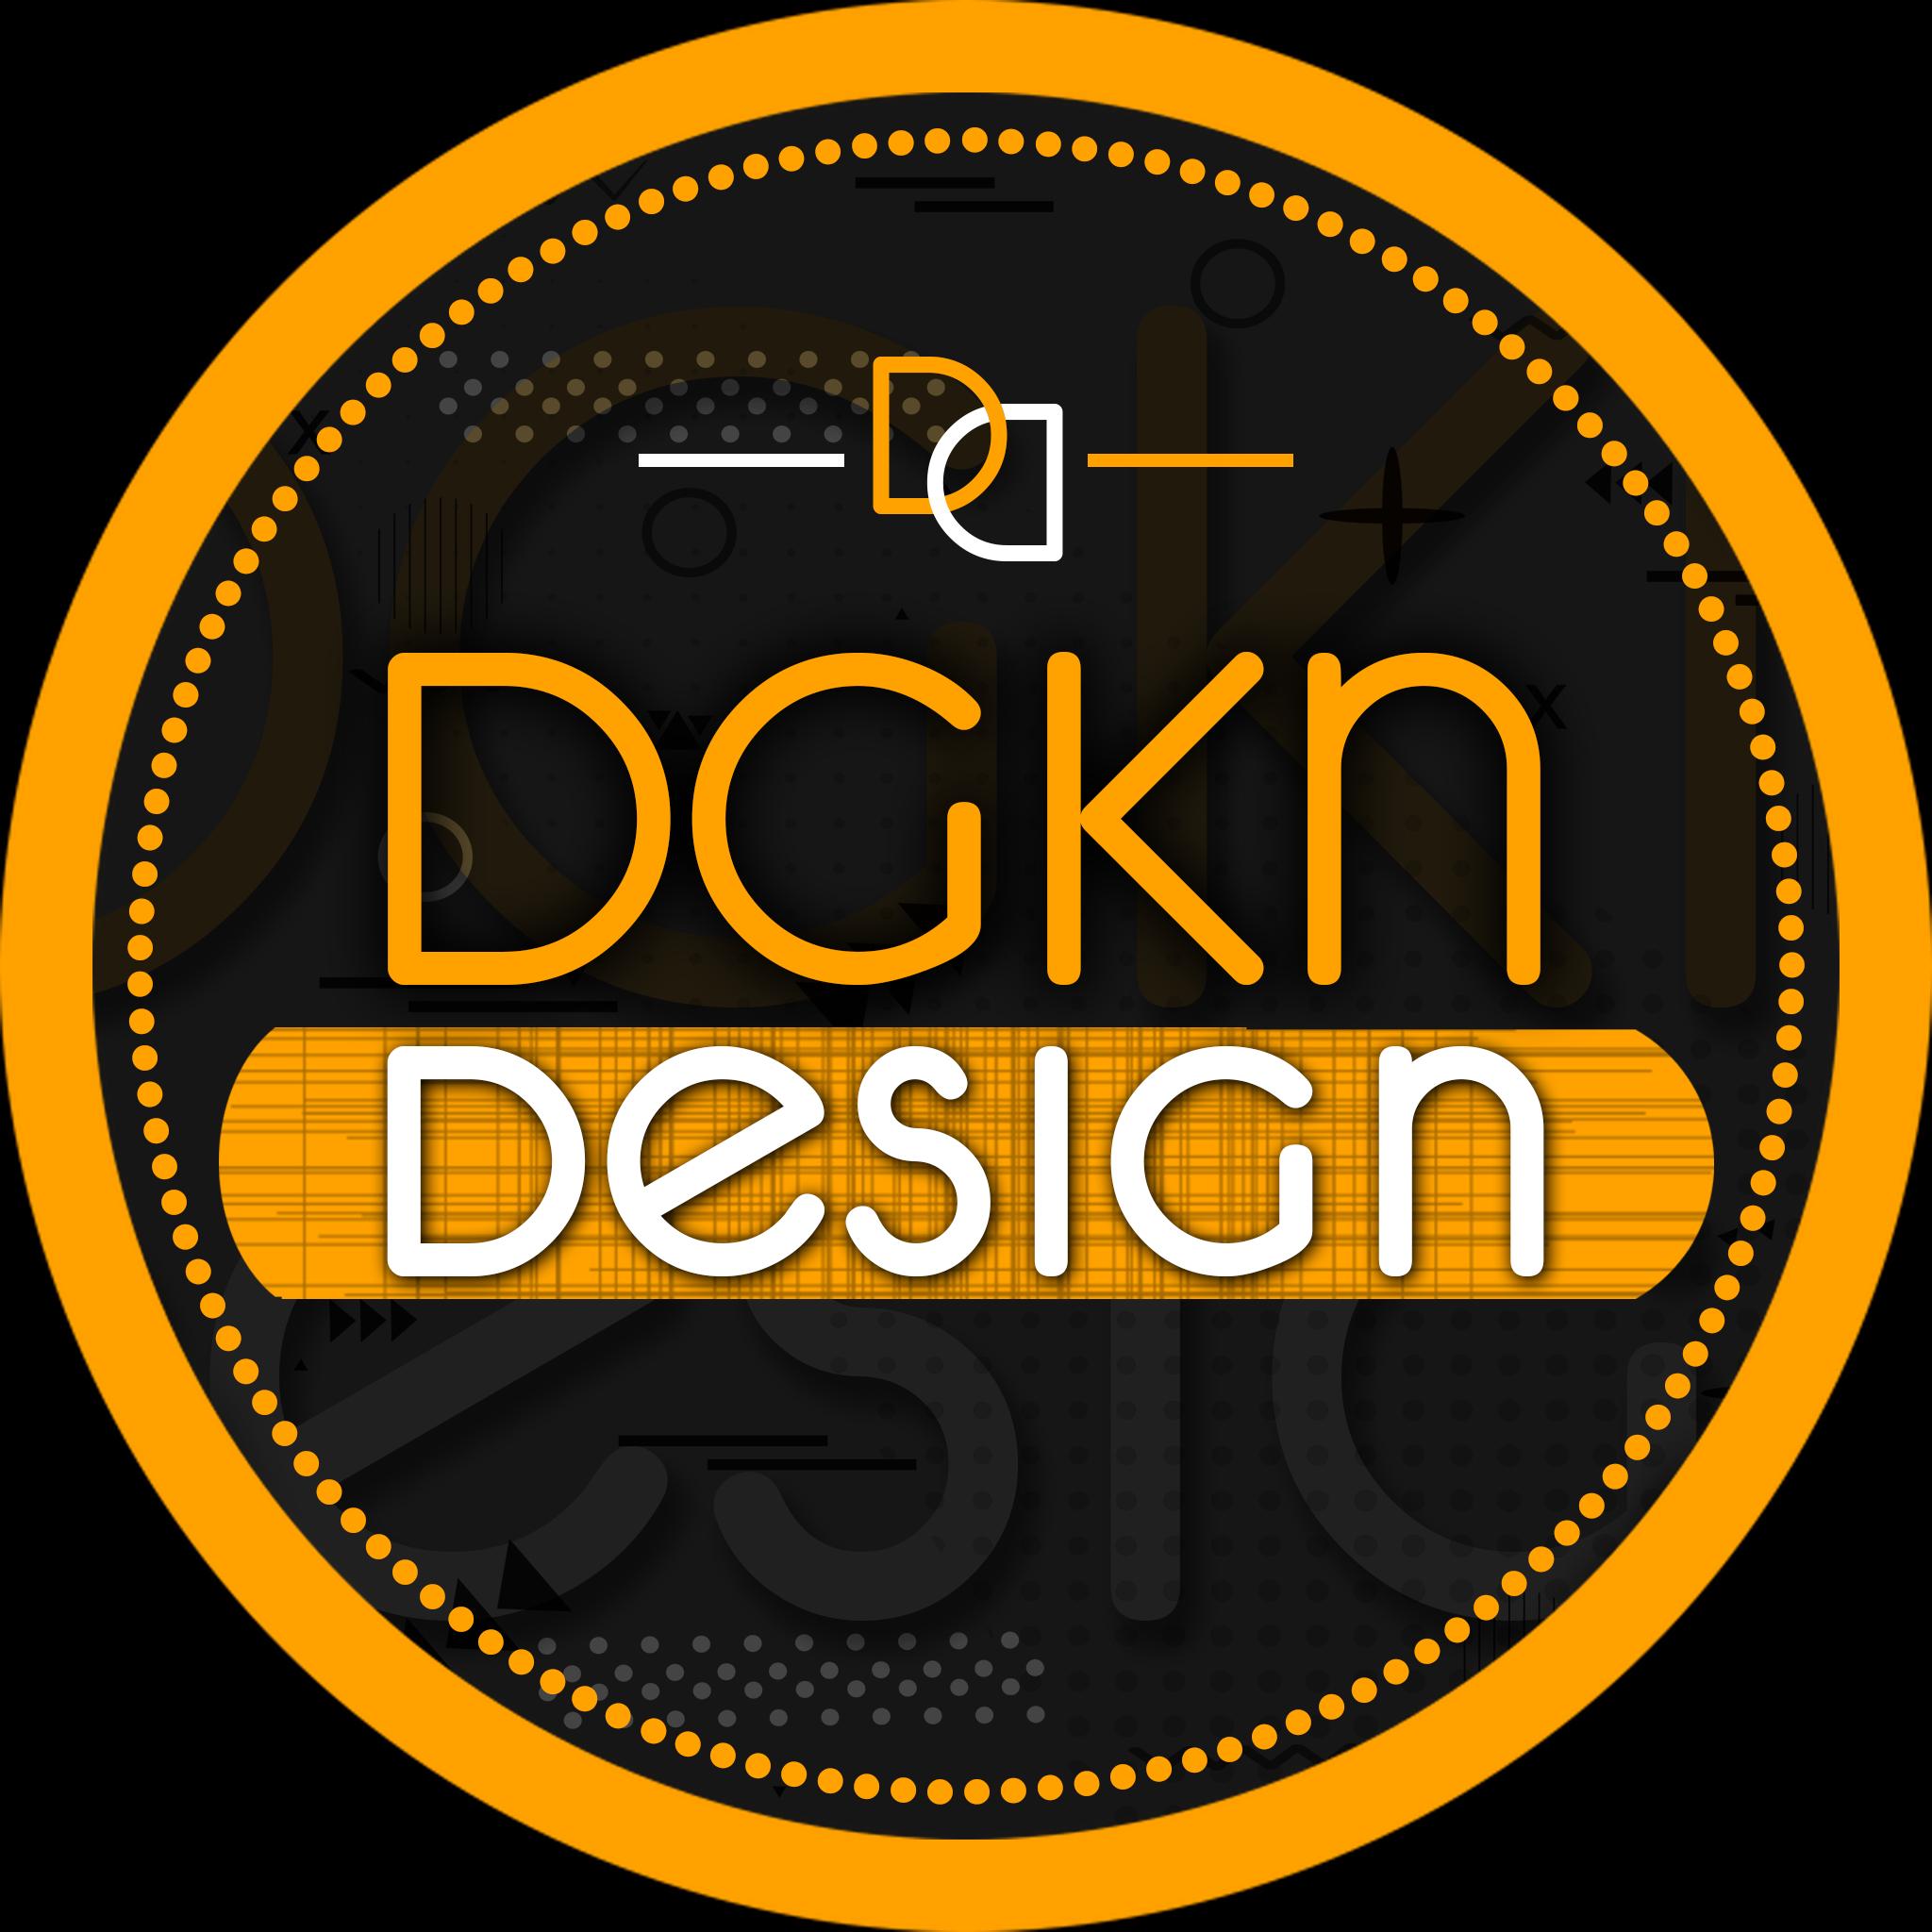 Dgkn_design